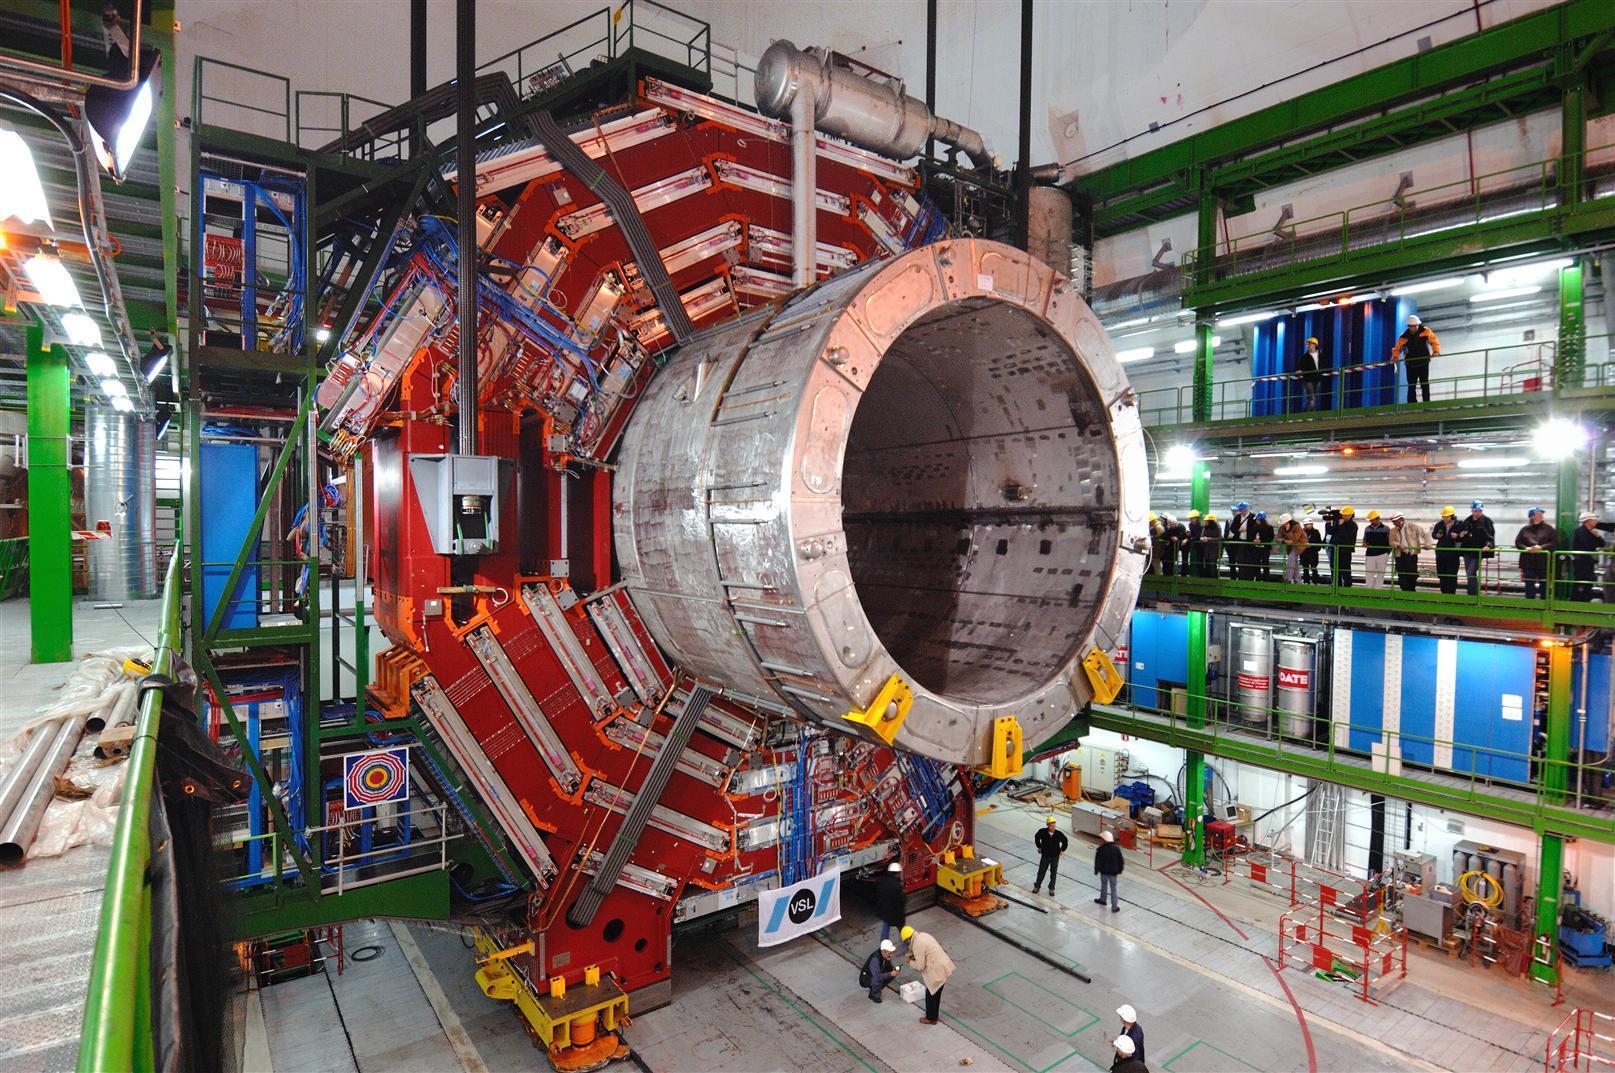 Ein Teil des Large Hadron Collider beim Einbau